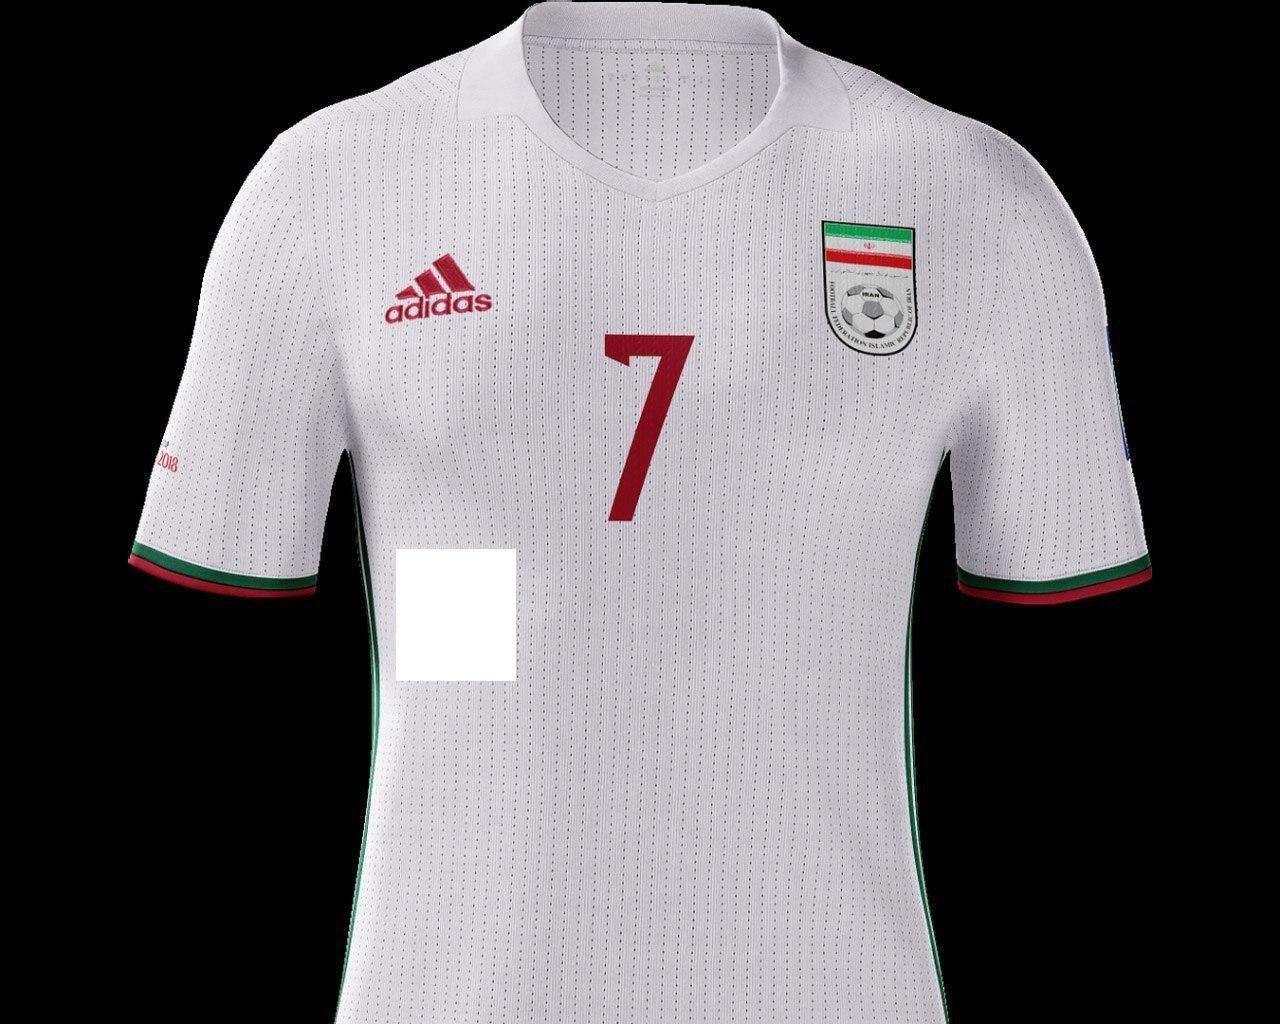 نظرتان درباره طراحی پیراهن تیم ملی فدراسیون پنج ستاره ایران برای جام جهانی 2018 چیست؟